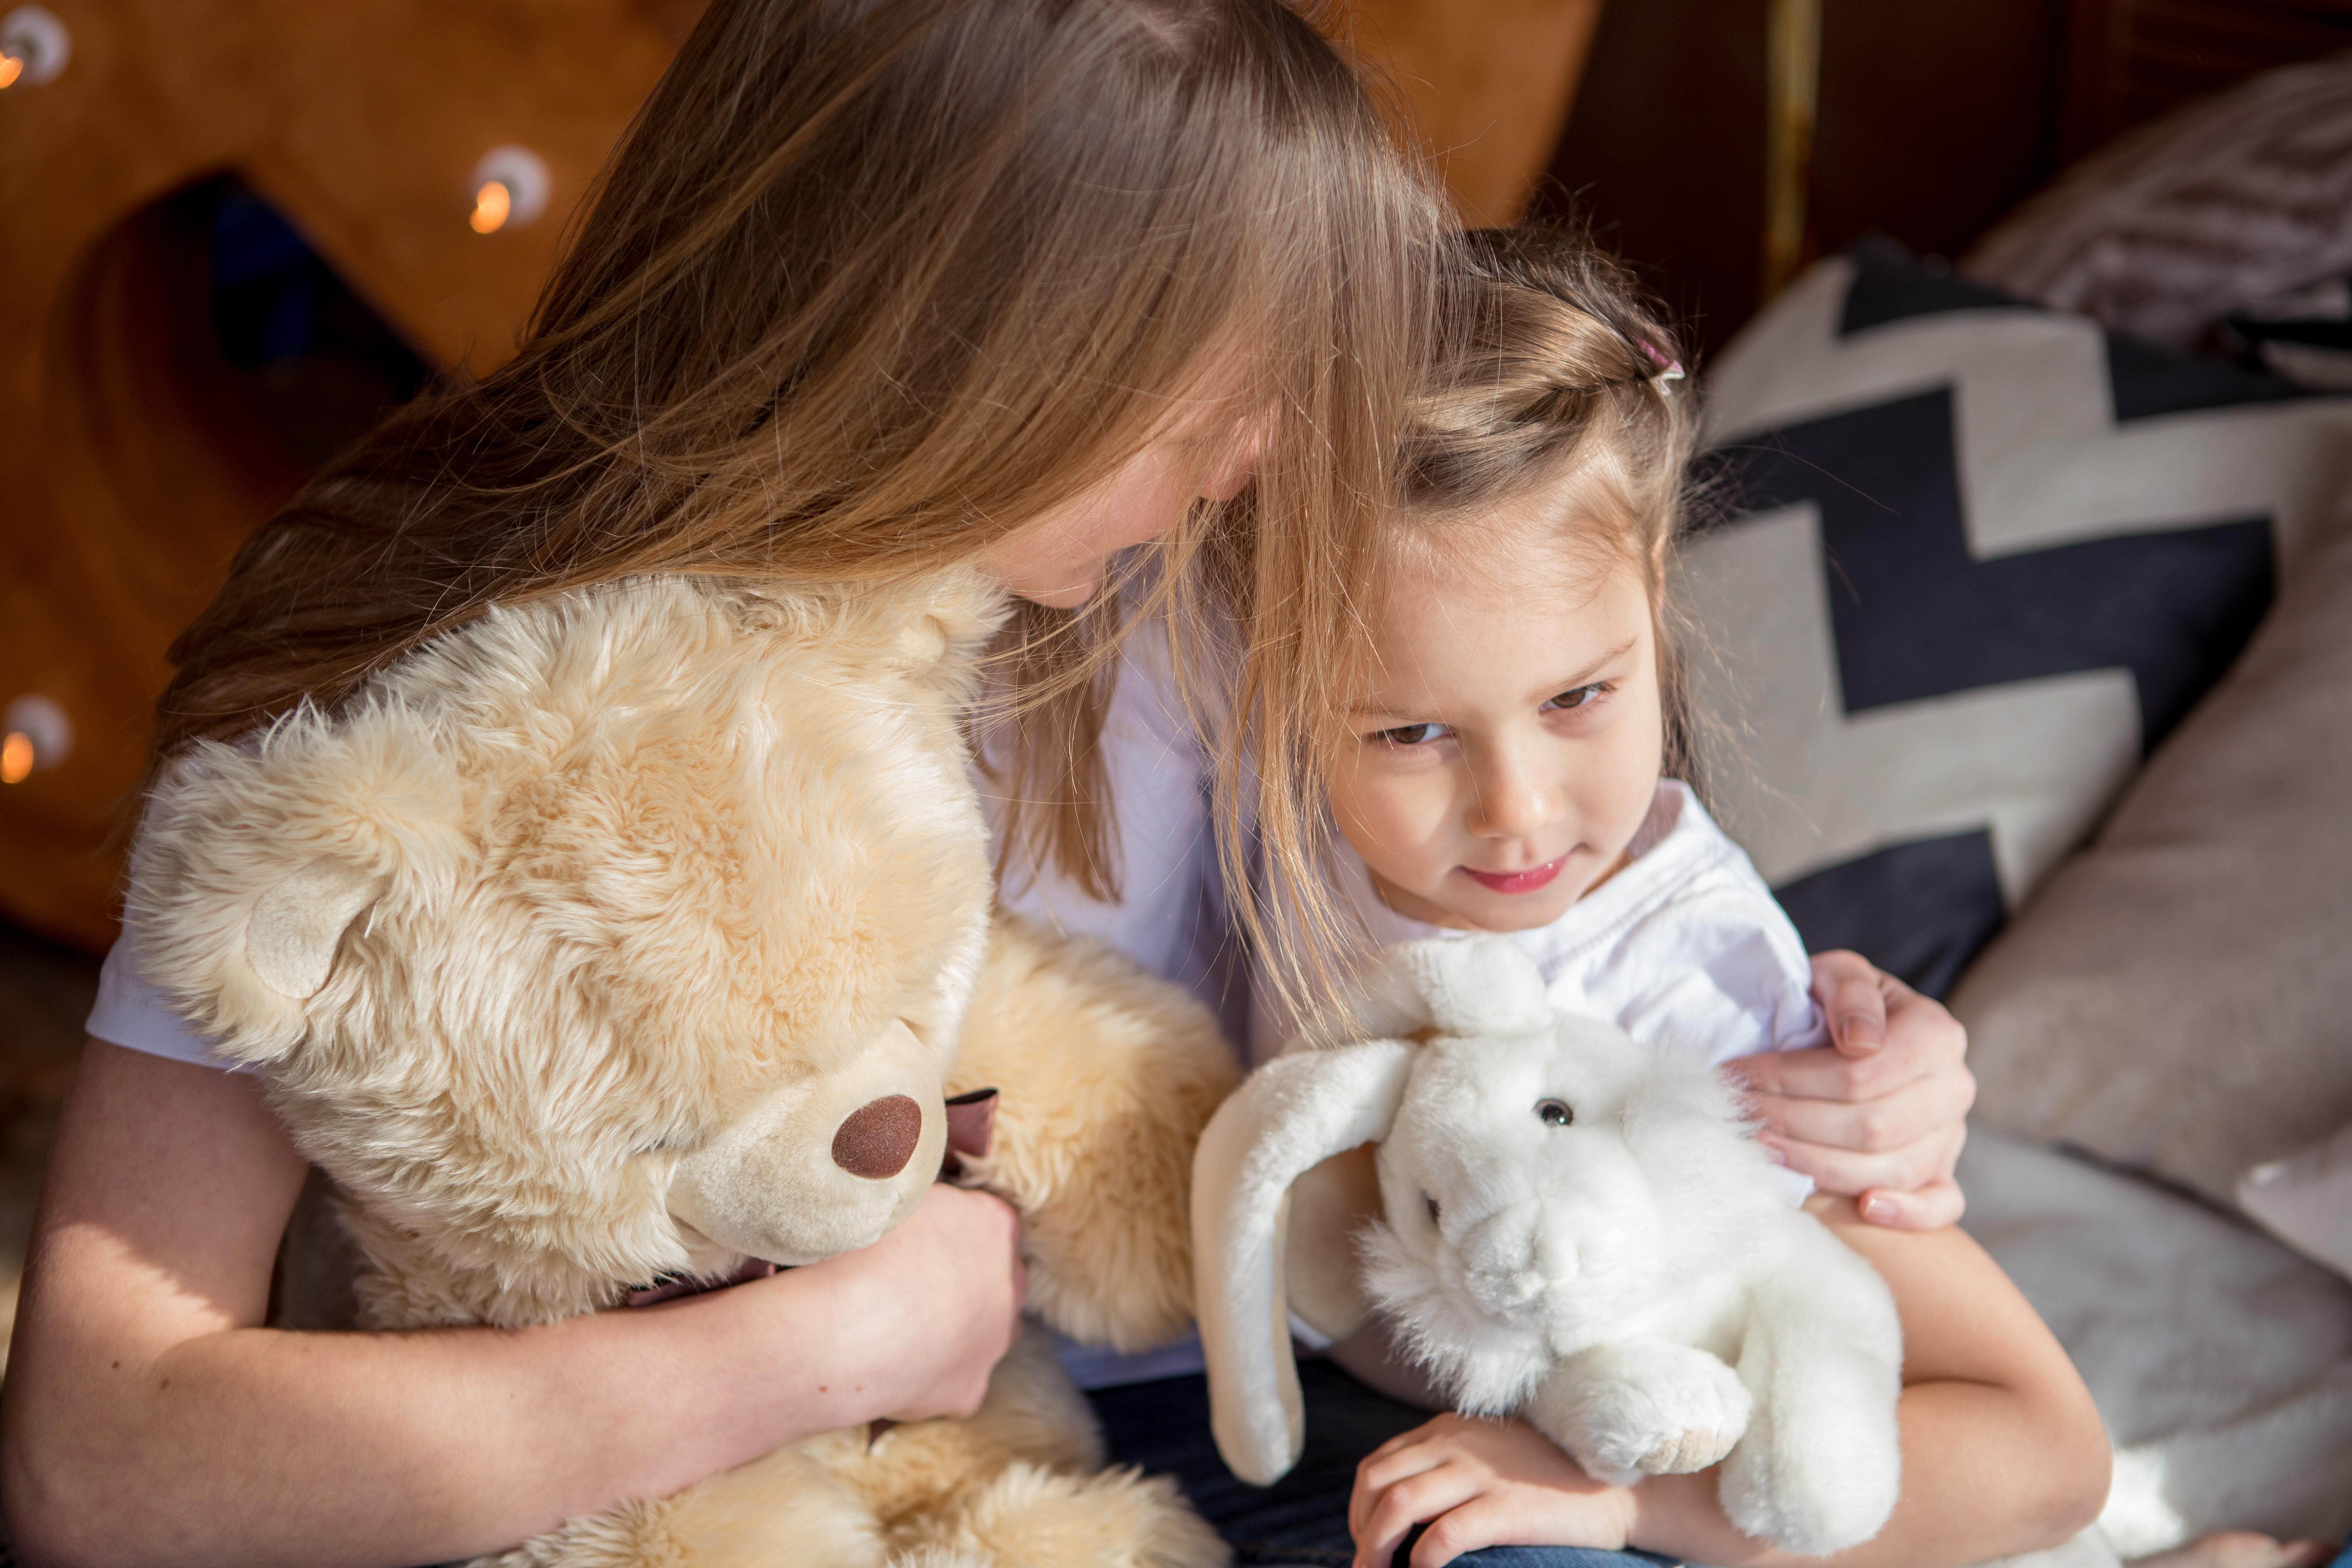 Безопасность: онлайн видеонаблюдение в группах для родителей